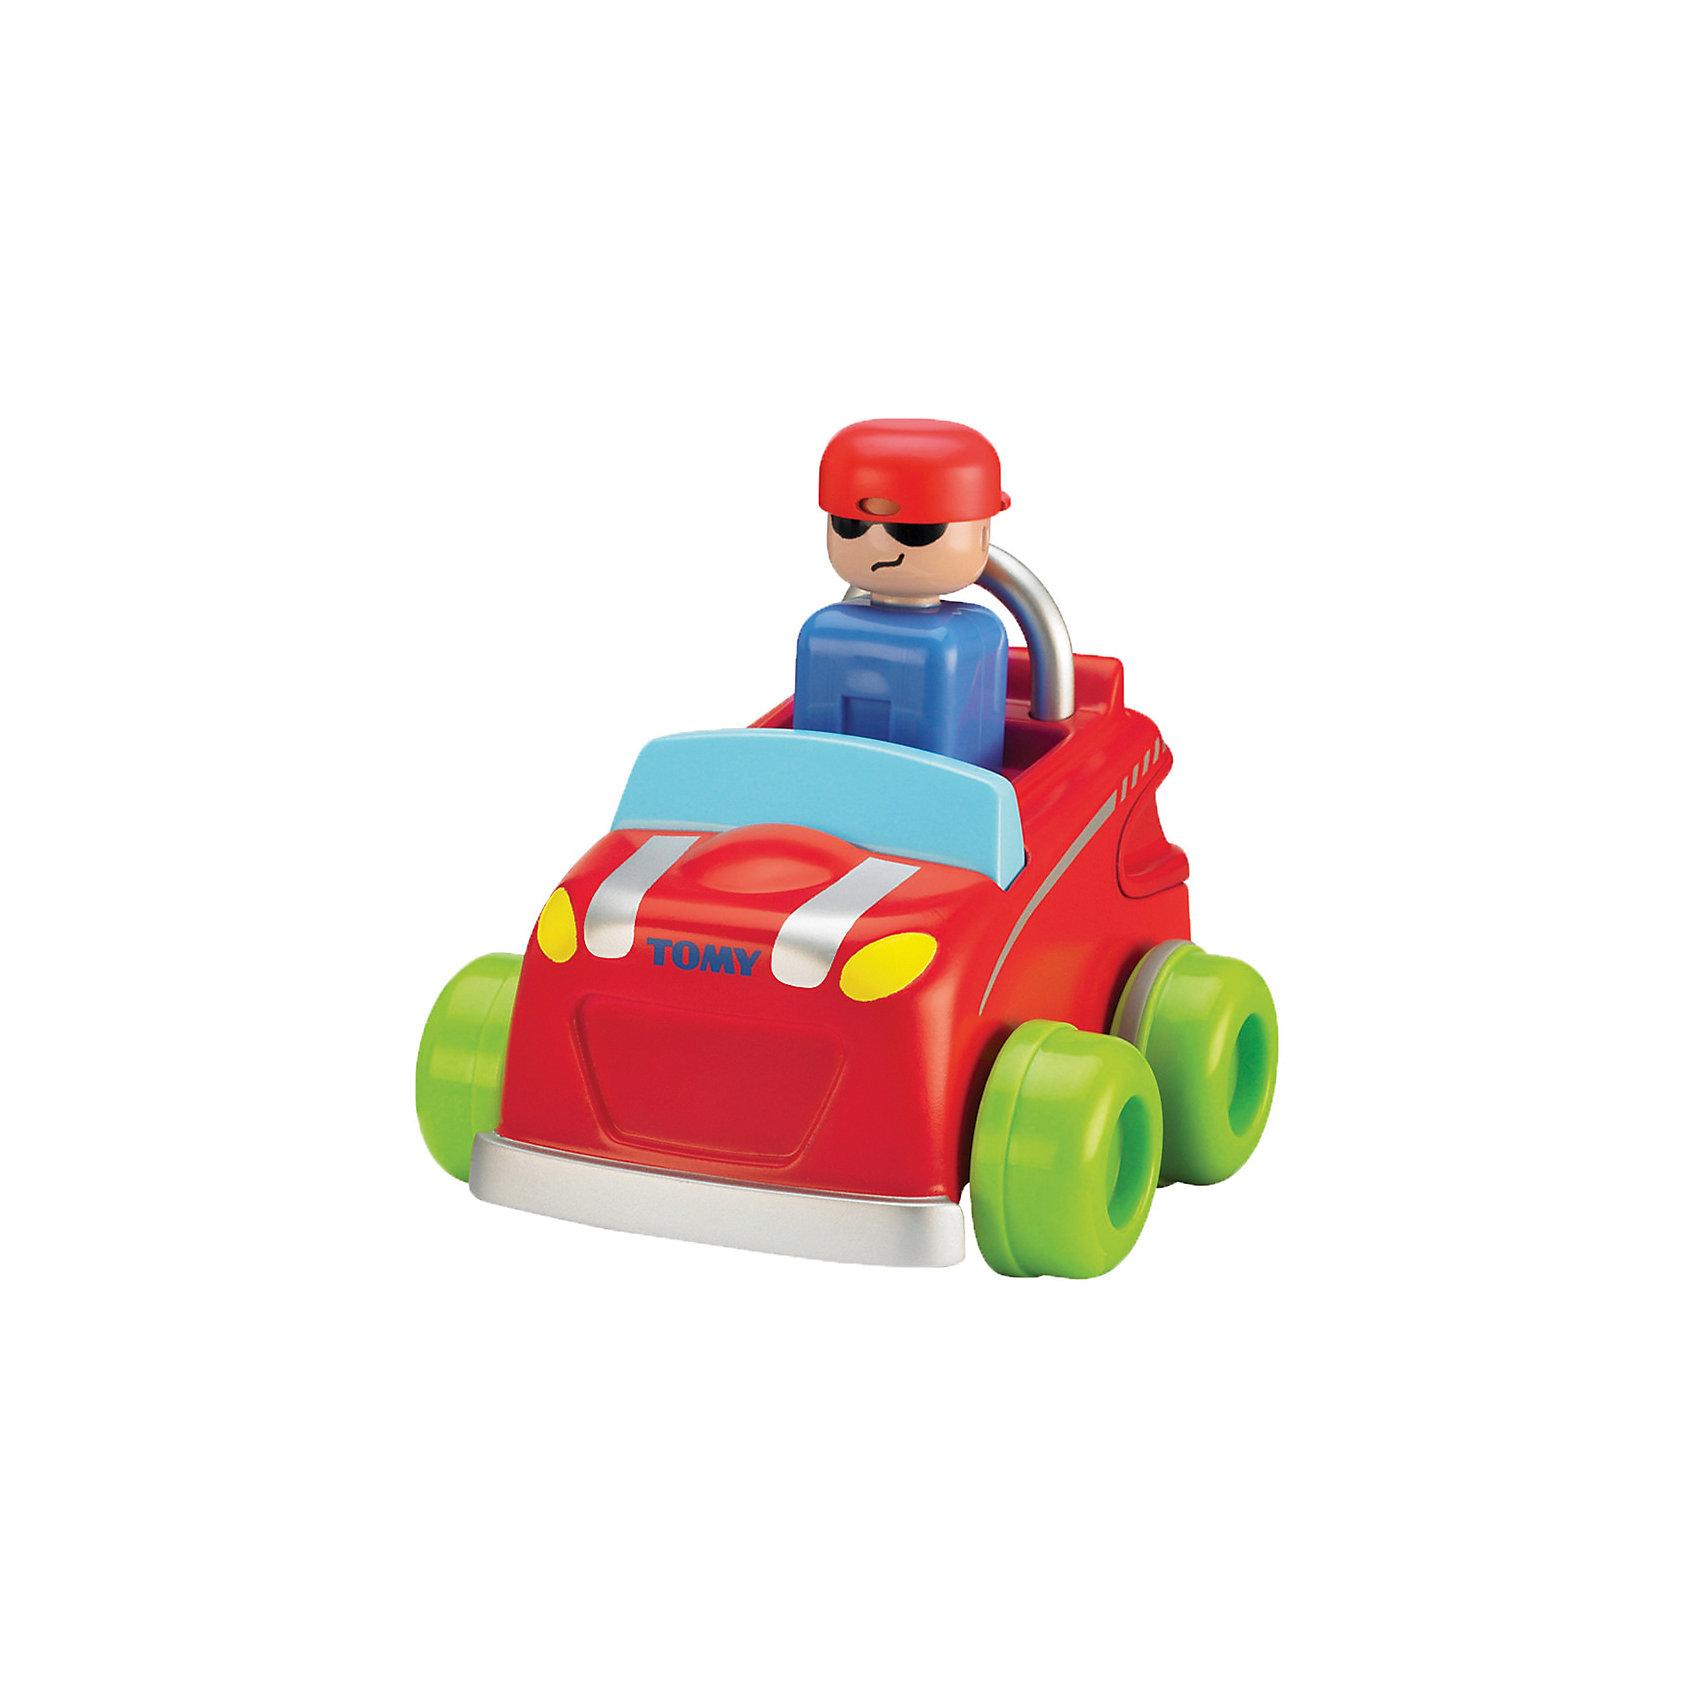 Машинка Нажимай и гоняй, TOMYМашинки и транспорт для малышей<br>Машинка Нажимай и гоняй, TOMY (Томи).<br><br>Характеристика:<br><br>• Материал: пластик, металл. <br>• Размер упаковки: 13х16х13 см. <br>• Размер: 14 см.<br>• Подвижные колеса. <br>• Если нажать на голову водителя, машина поедет вперед. <br>• Яркий привлекательный дизайн. <br>• Не имеет острых углов. <br>• Развивает моторику, цветовосприятие. <br><br>Яркая машинка обязательно привлечет внимание малышей и сделает игры крохи еще интереснее и веселее. Стоит только нажать на шлем водителя, как автомобильчик быстро поедет вперед. Игрушка выполнена из высококачественных нетоксичных материалов, не имеет острых углов, абсолютно безопасна для детей. <br><br>Машинку Нажимай и гоняй, TOMY (Томи), можно купить в нашем интернет-магазине.<br><br>Ширина мм: 120<br>Глубина мм: 210<br>Высота мм: 170<br>Вес г: 80<br>Возраст от месяцев: 12<br>Возраст до месяцев: 60<br>Пол: Мужской<br>Возраст: Детский<br>SKU: 5361382